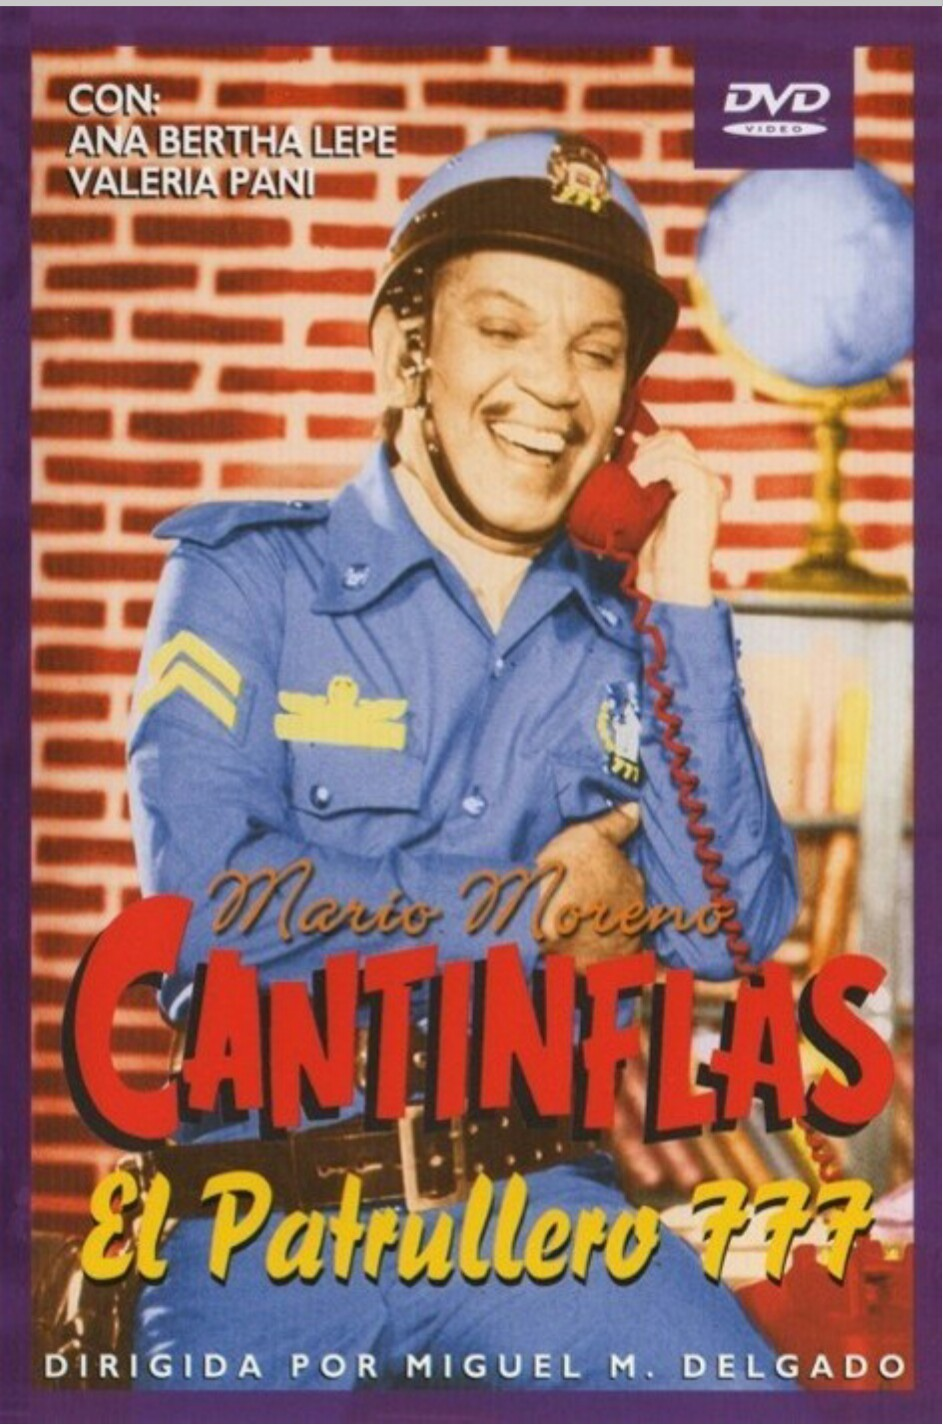 Cantinflas el patrullero 777 dvdrip